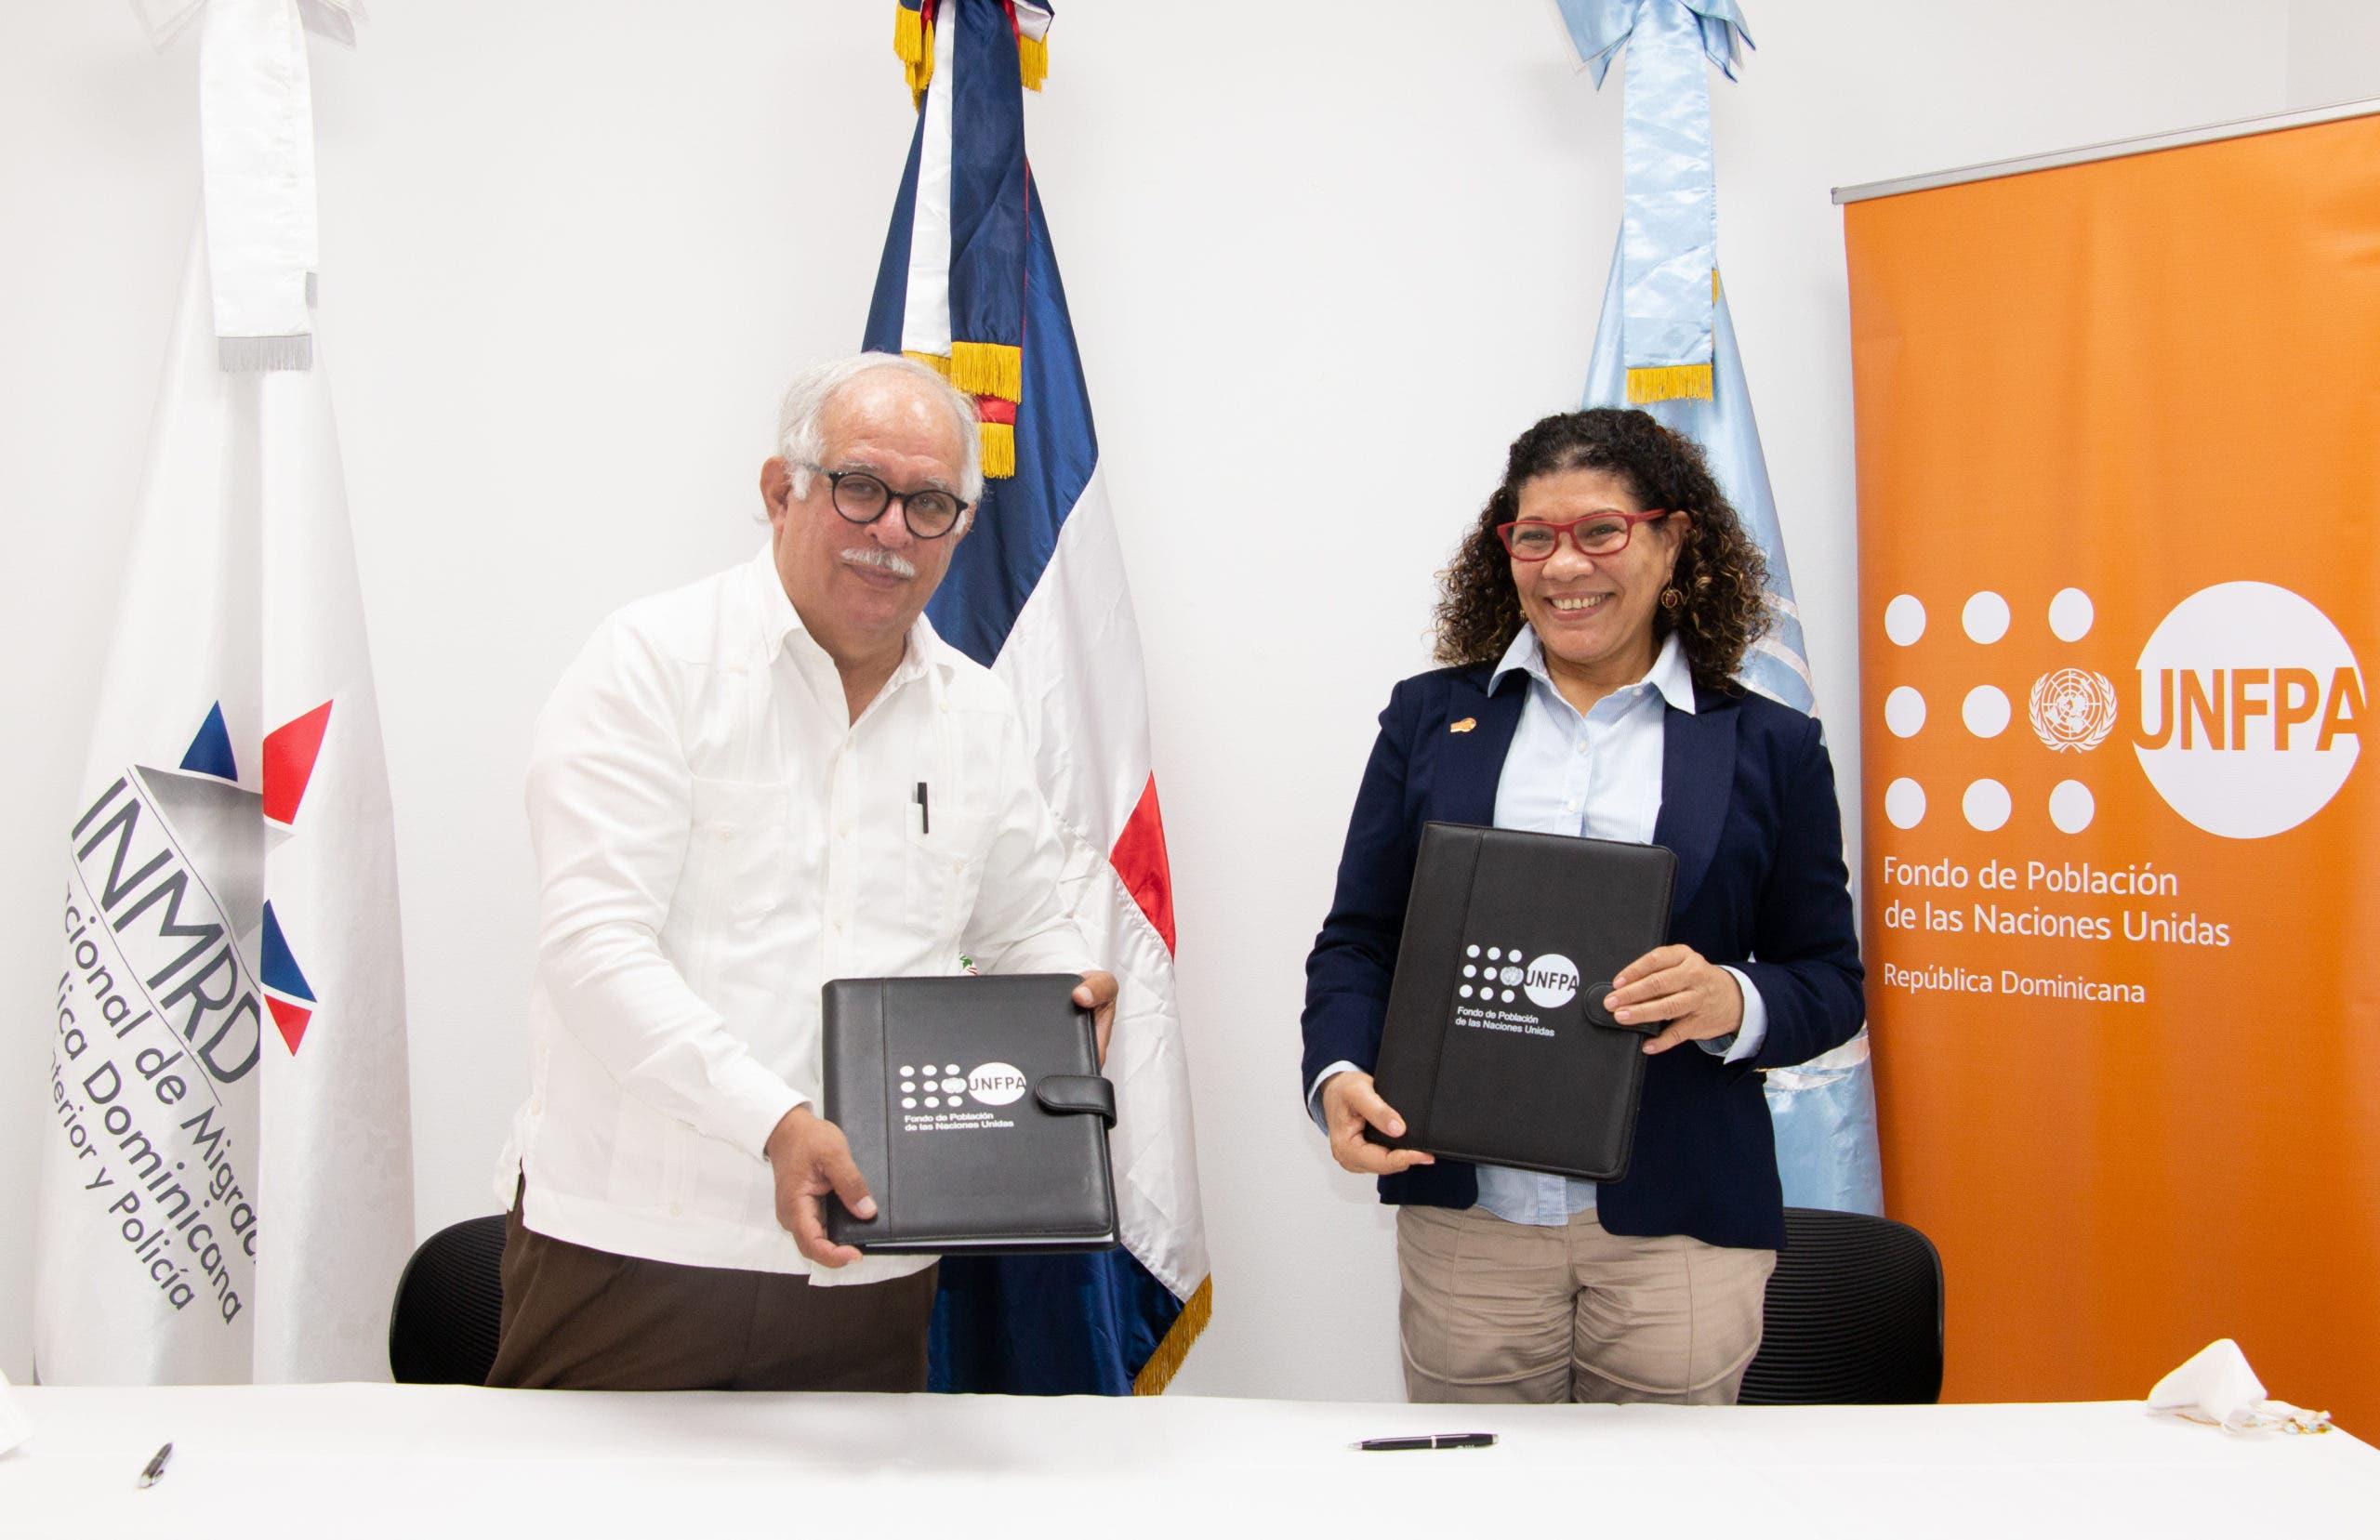 UNFPA y el Instituto Nacional de Migración aúnan esfuerzos para fortalecer capacitaciones y las investigaciones